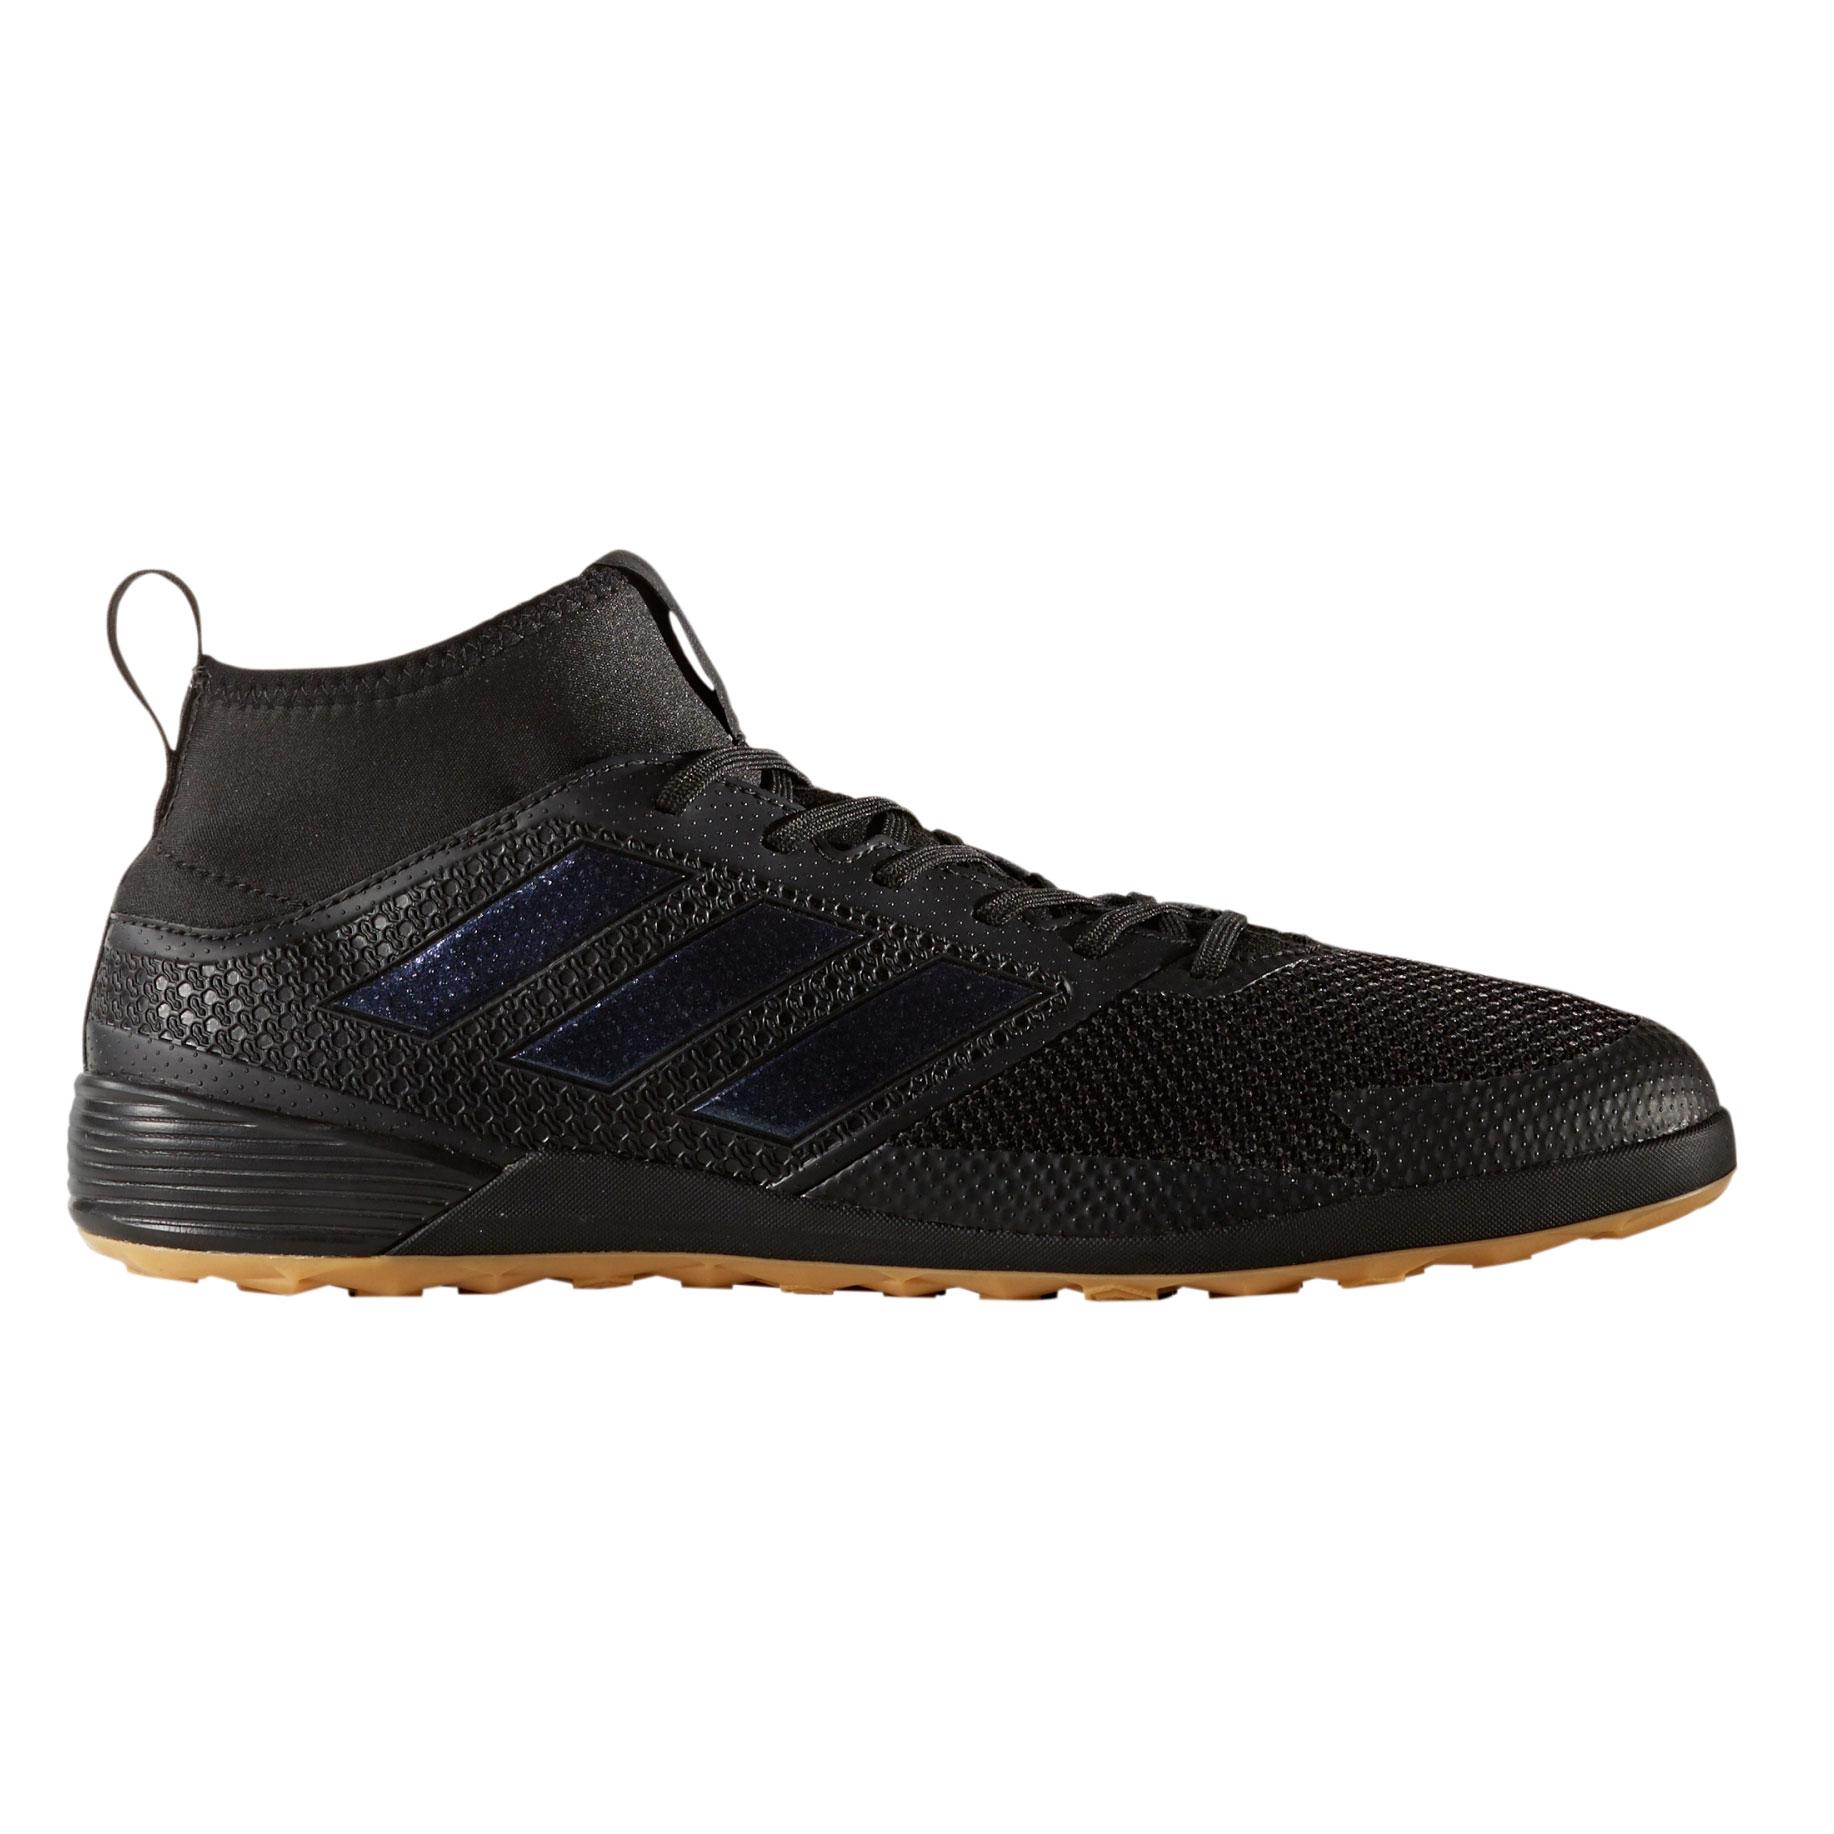 Afbeelding van Adidas Ace Tango 17.3 CG3708 Zaalvoetbalschoenen Core Black